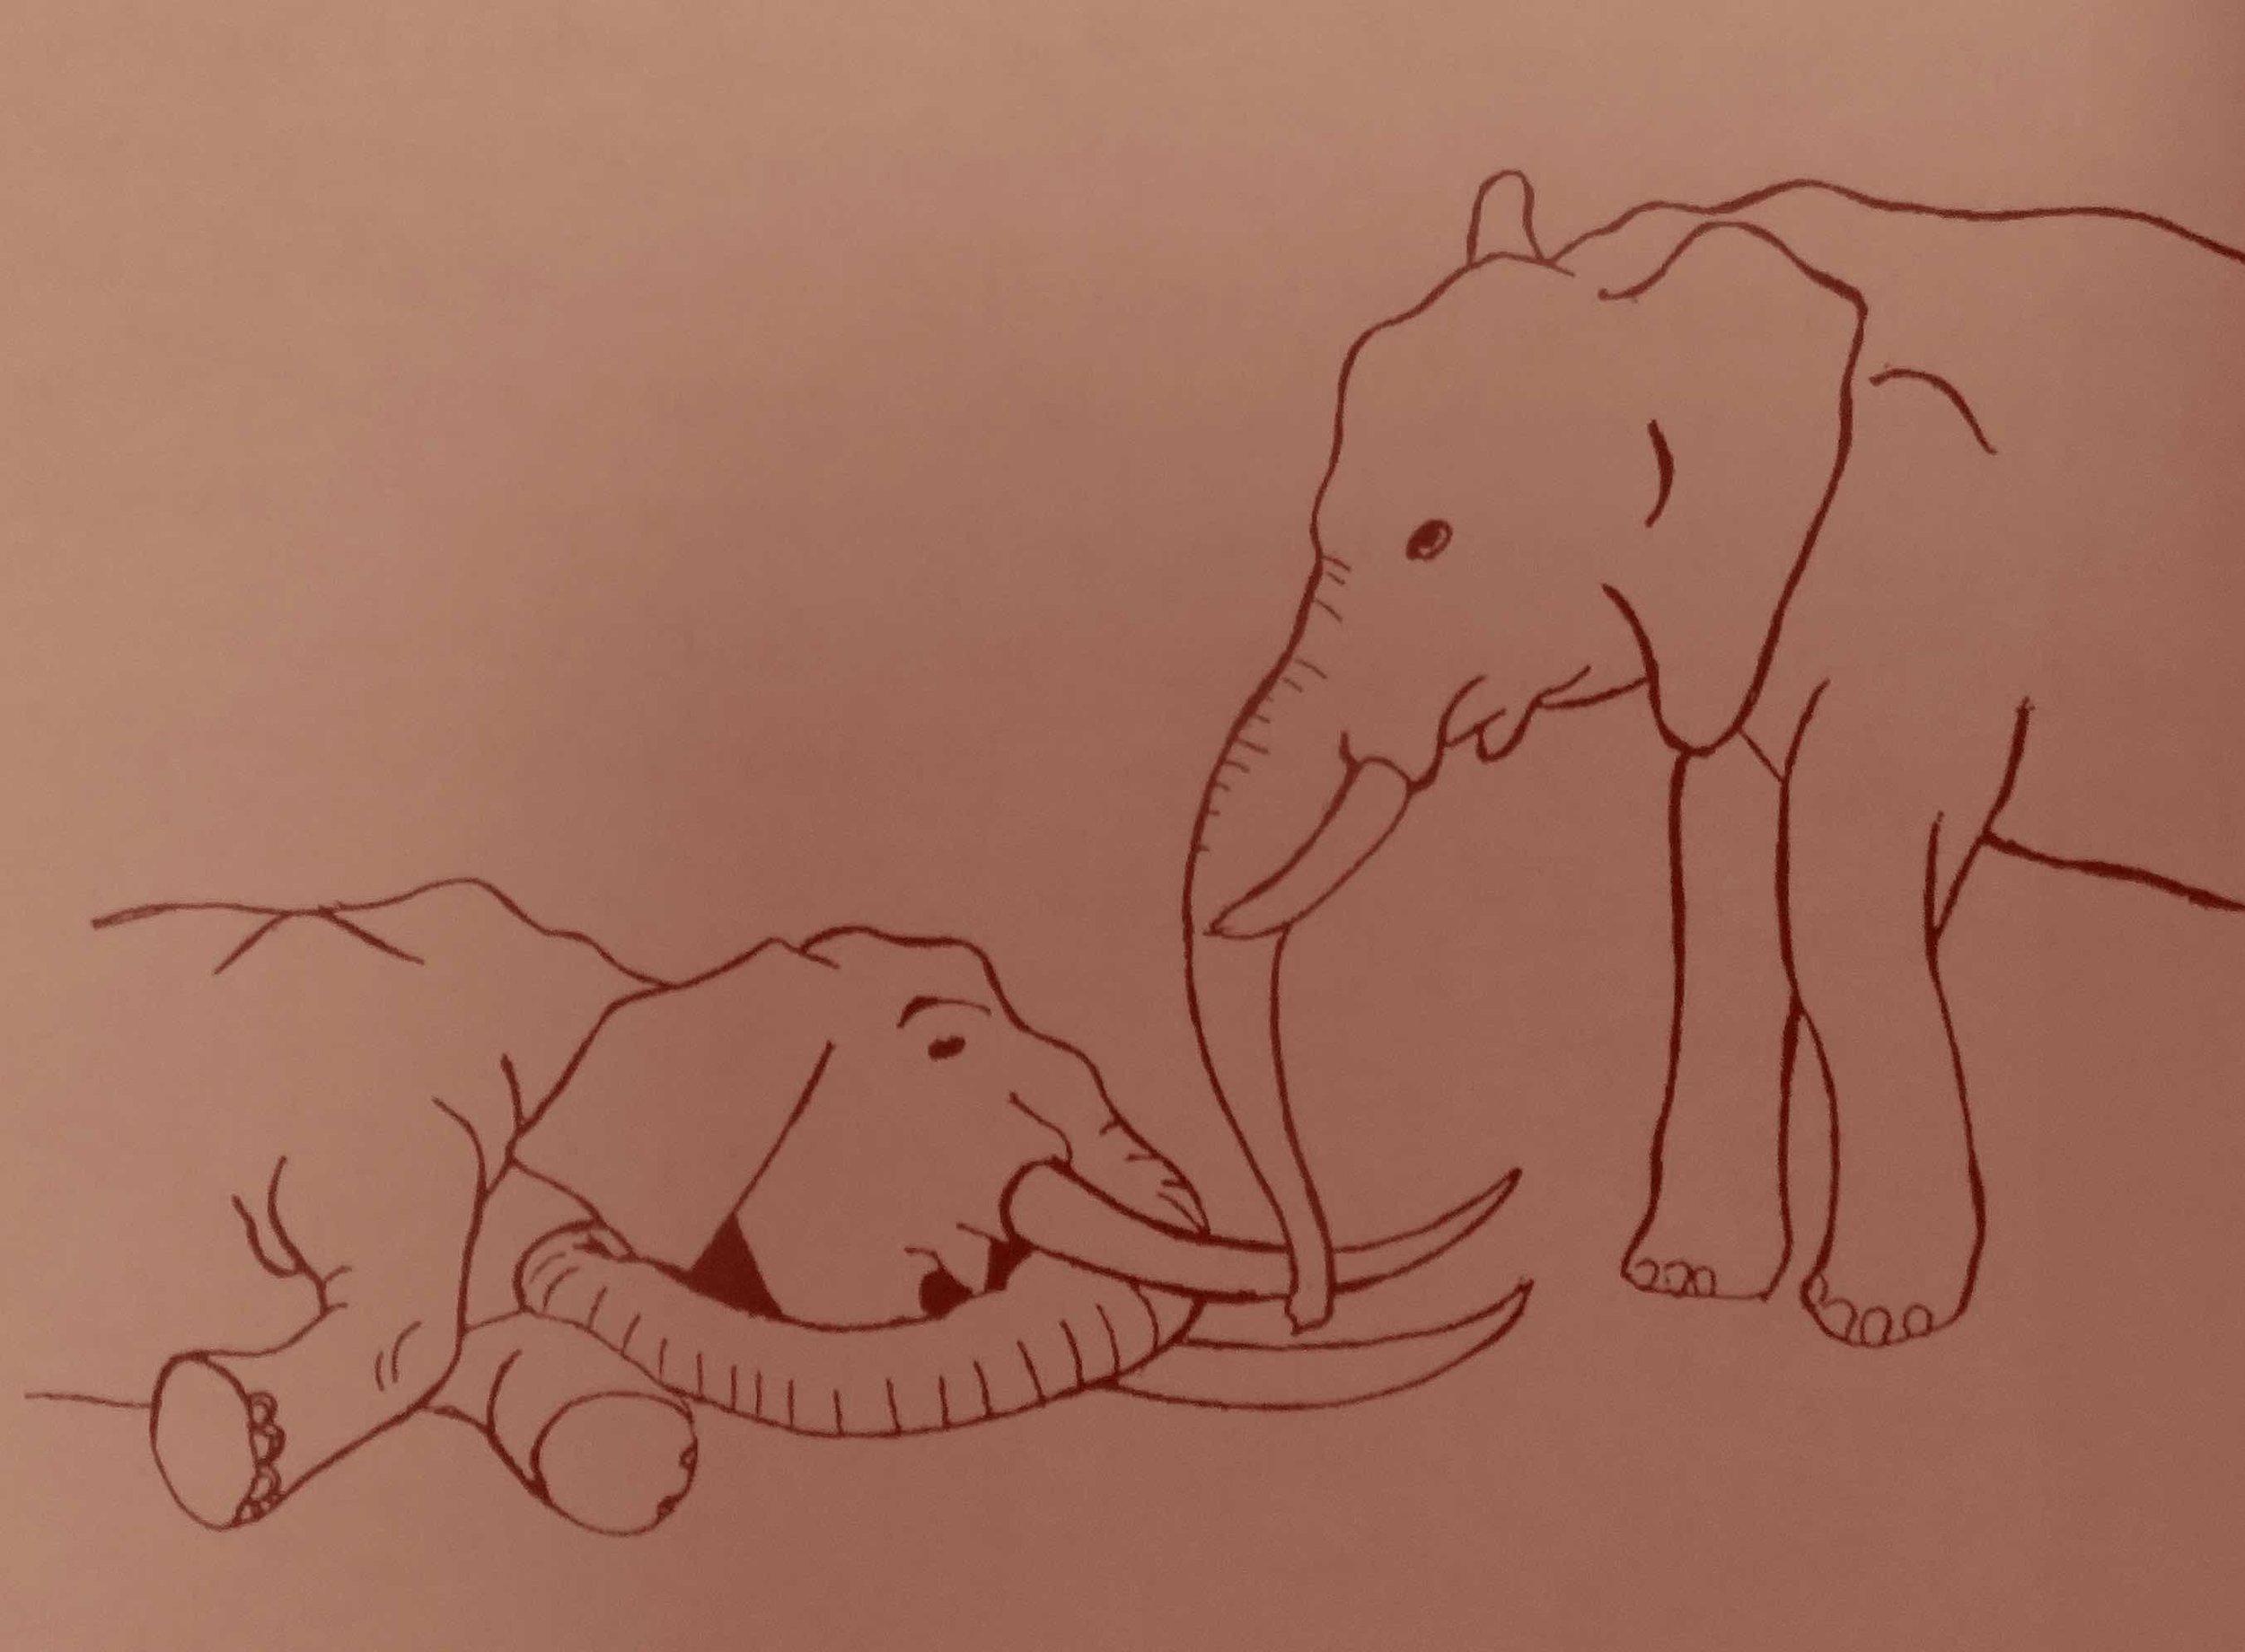 Cet éléphant trompipule la dépouille